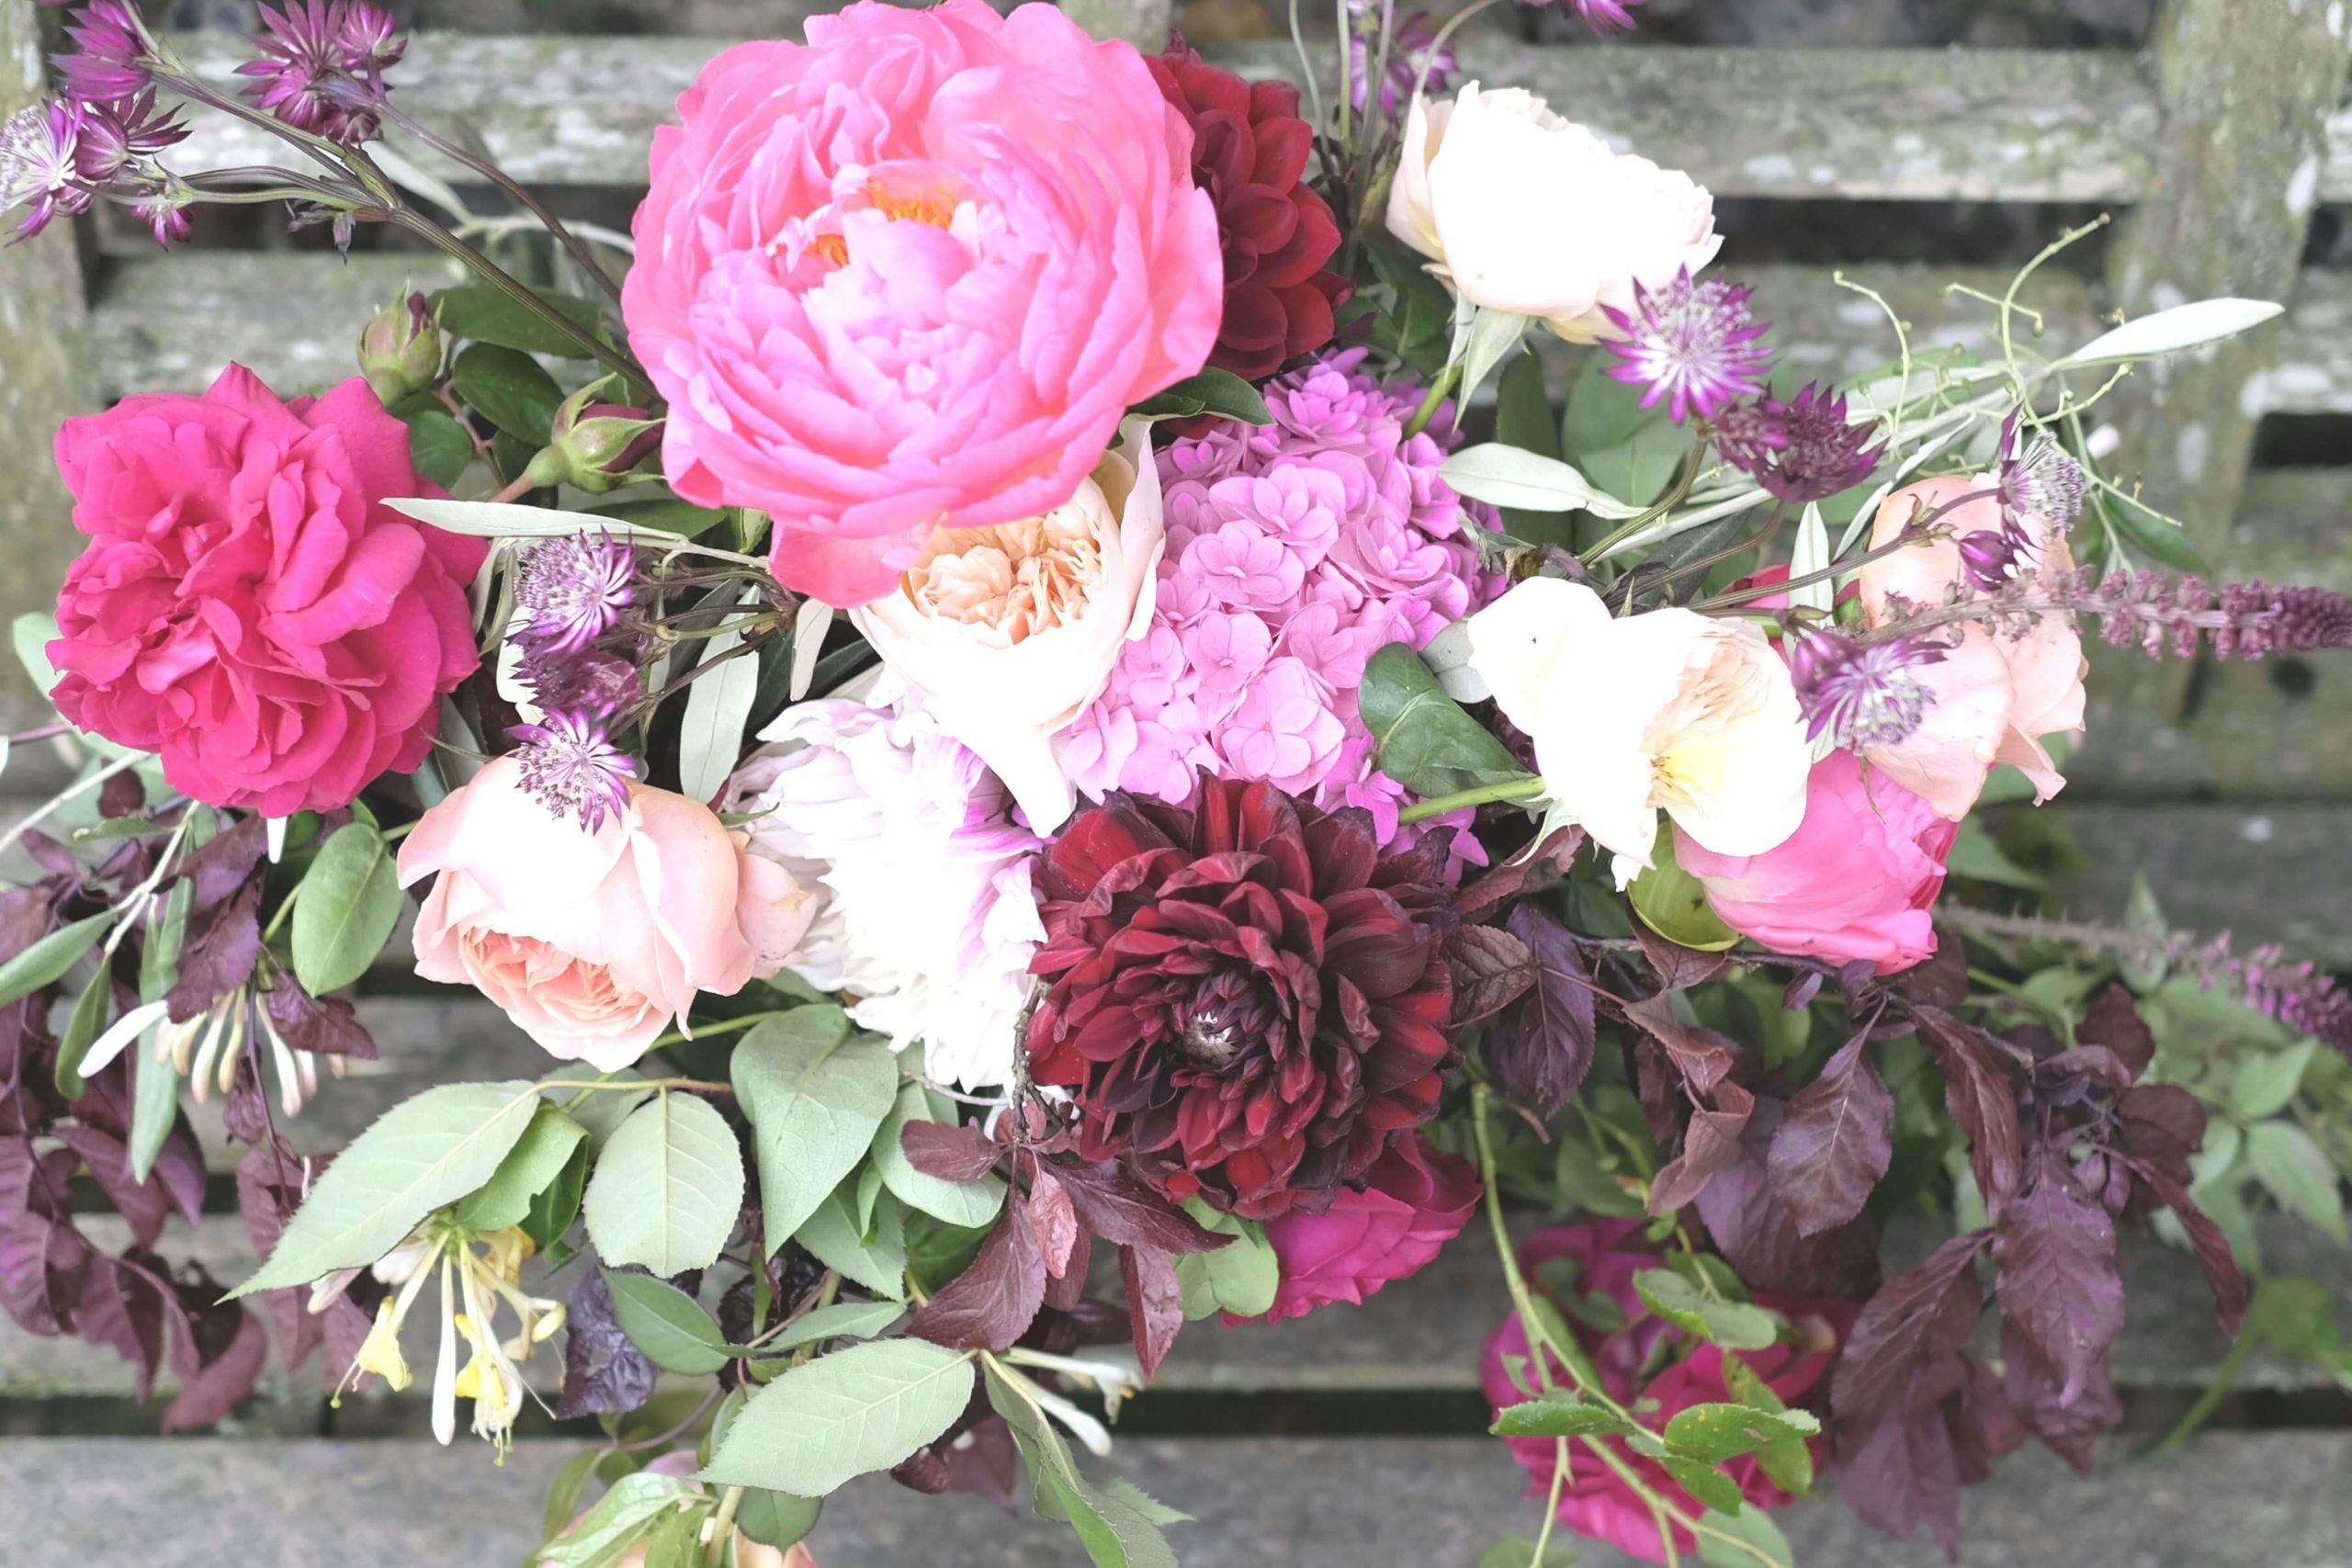 Rose, Claret & Blackberries 34